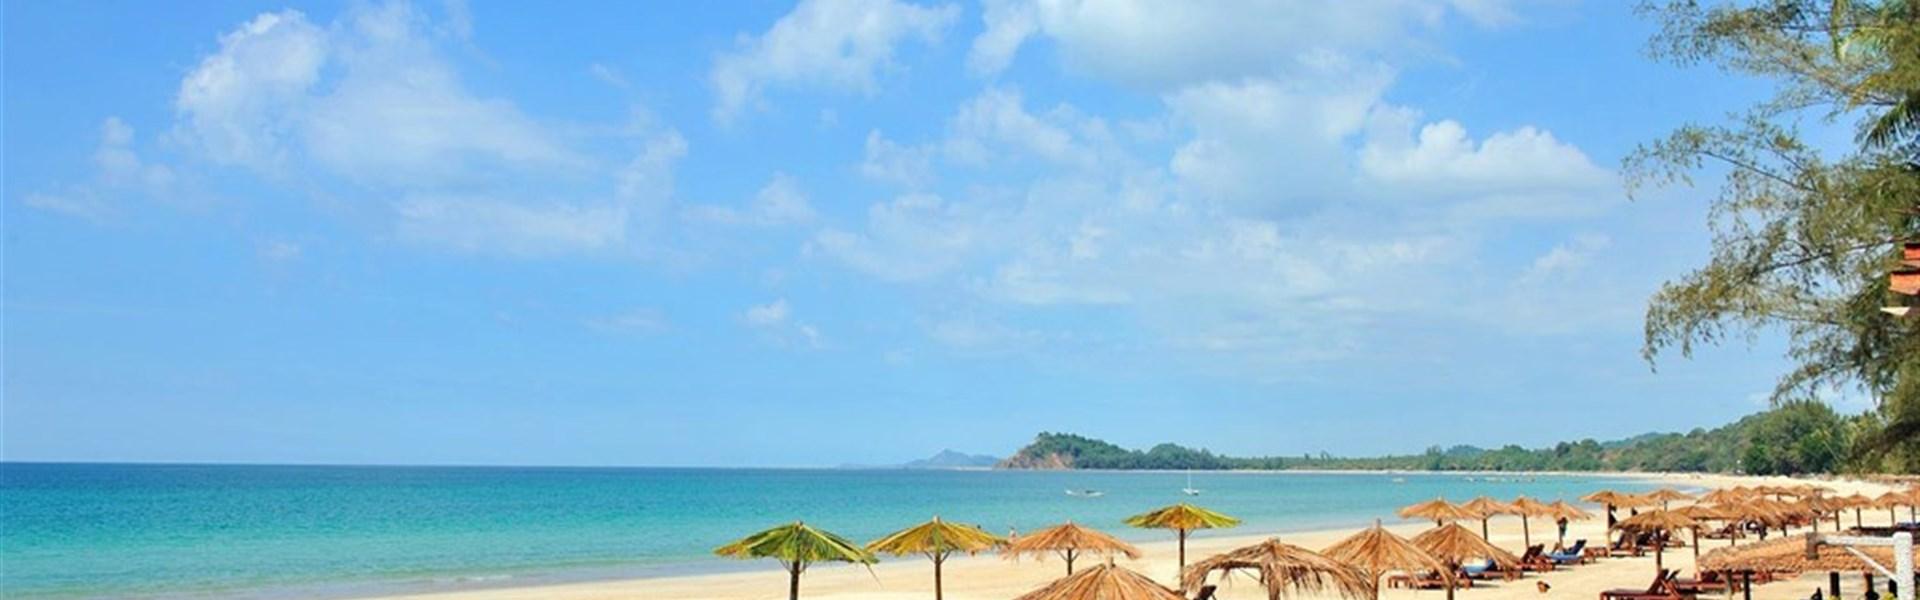 Ngapali - Amata Ngapali Resort - Barma - Ngapali Beach - Amata Ngapali - pláž